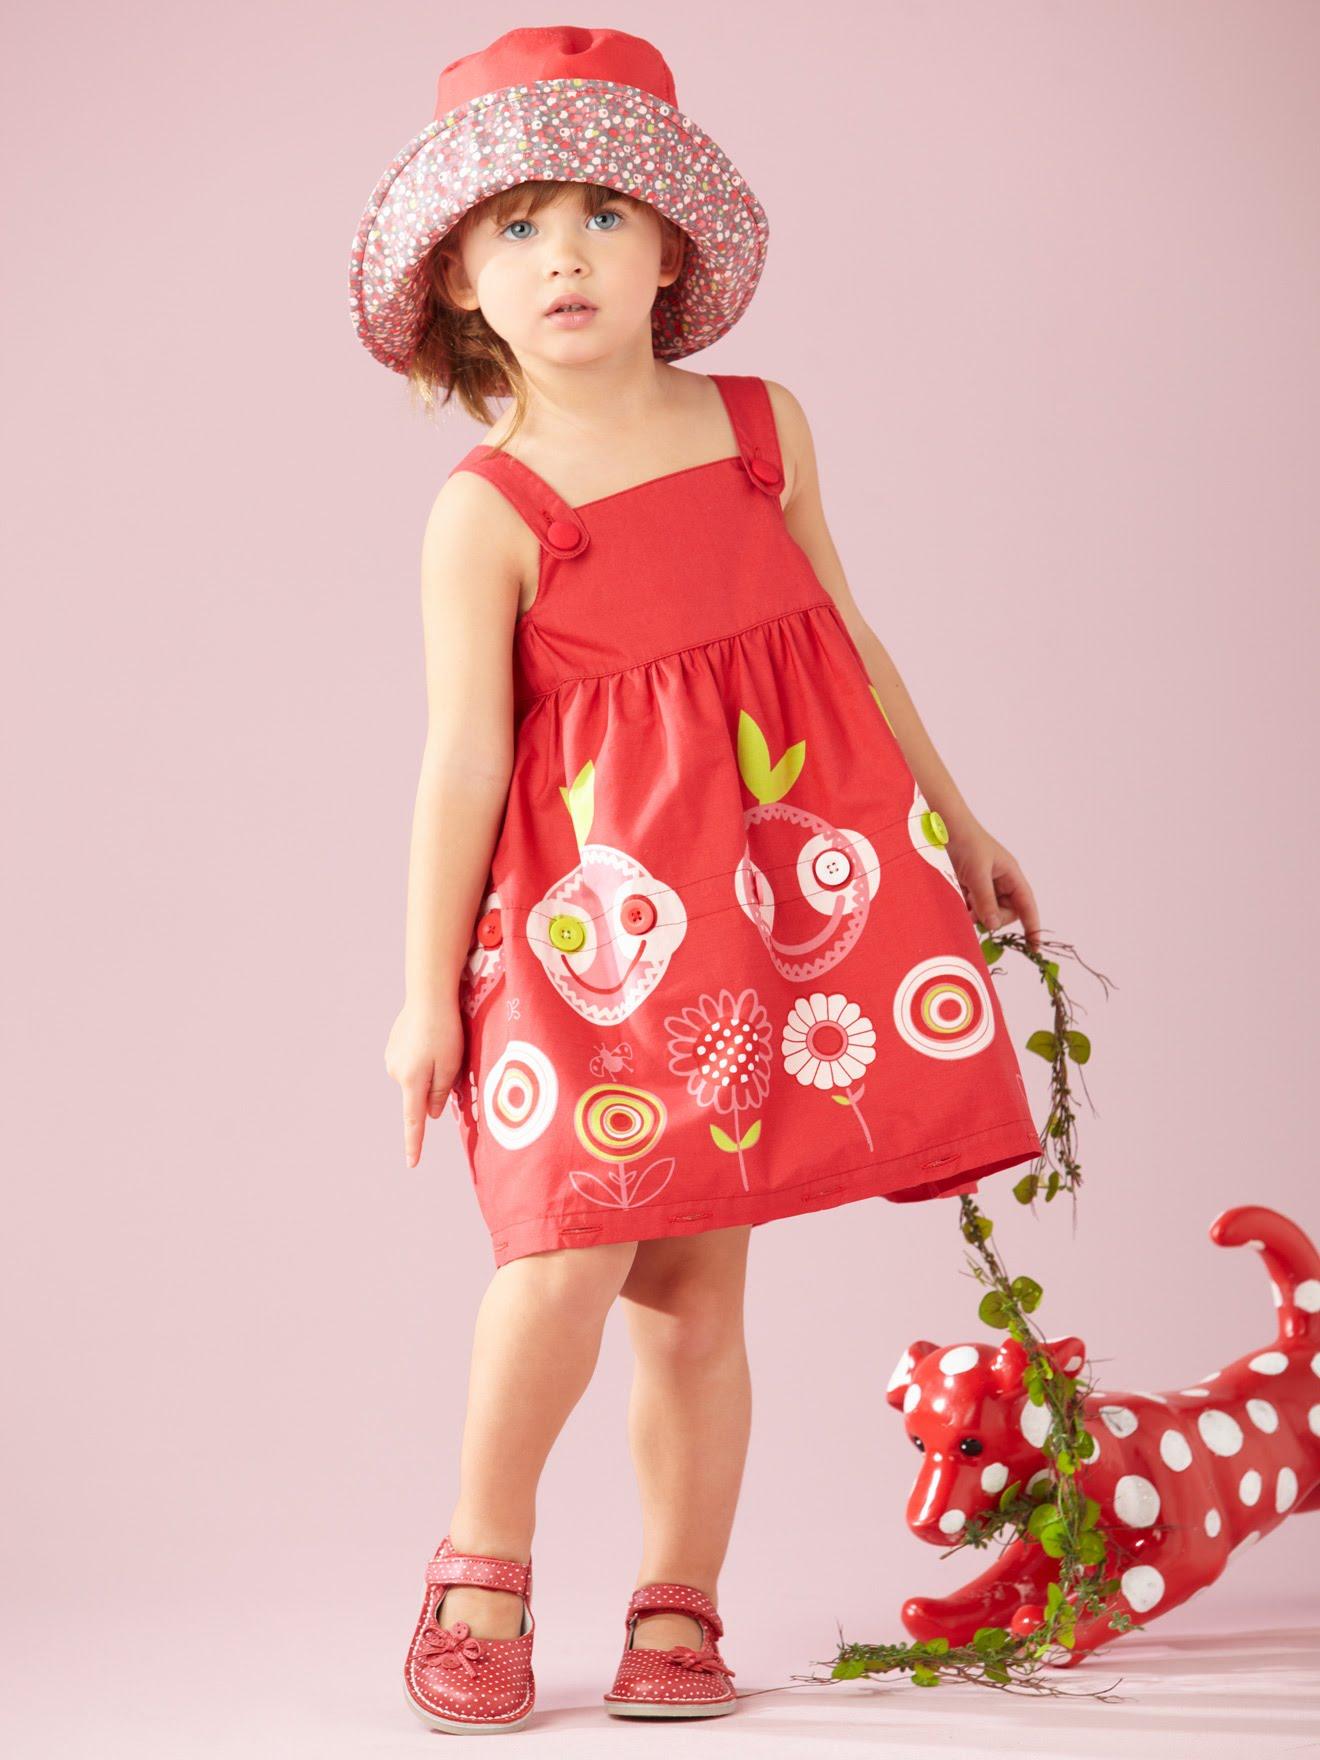 صورة ازياء اطفال , صور ملابس اطفال متنوعة